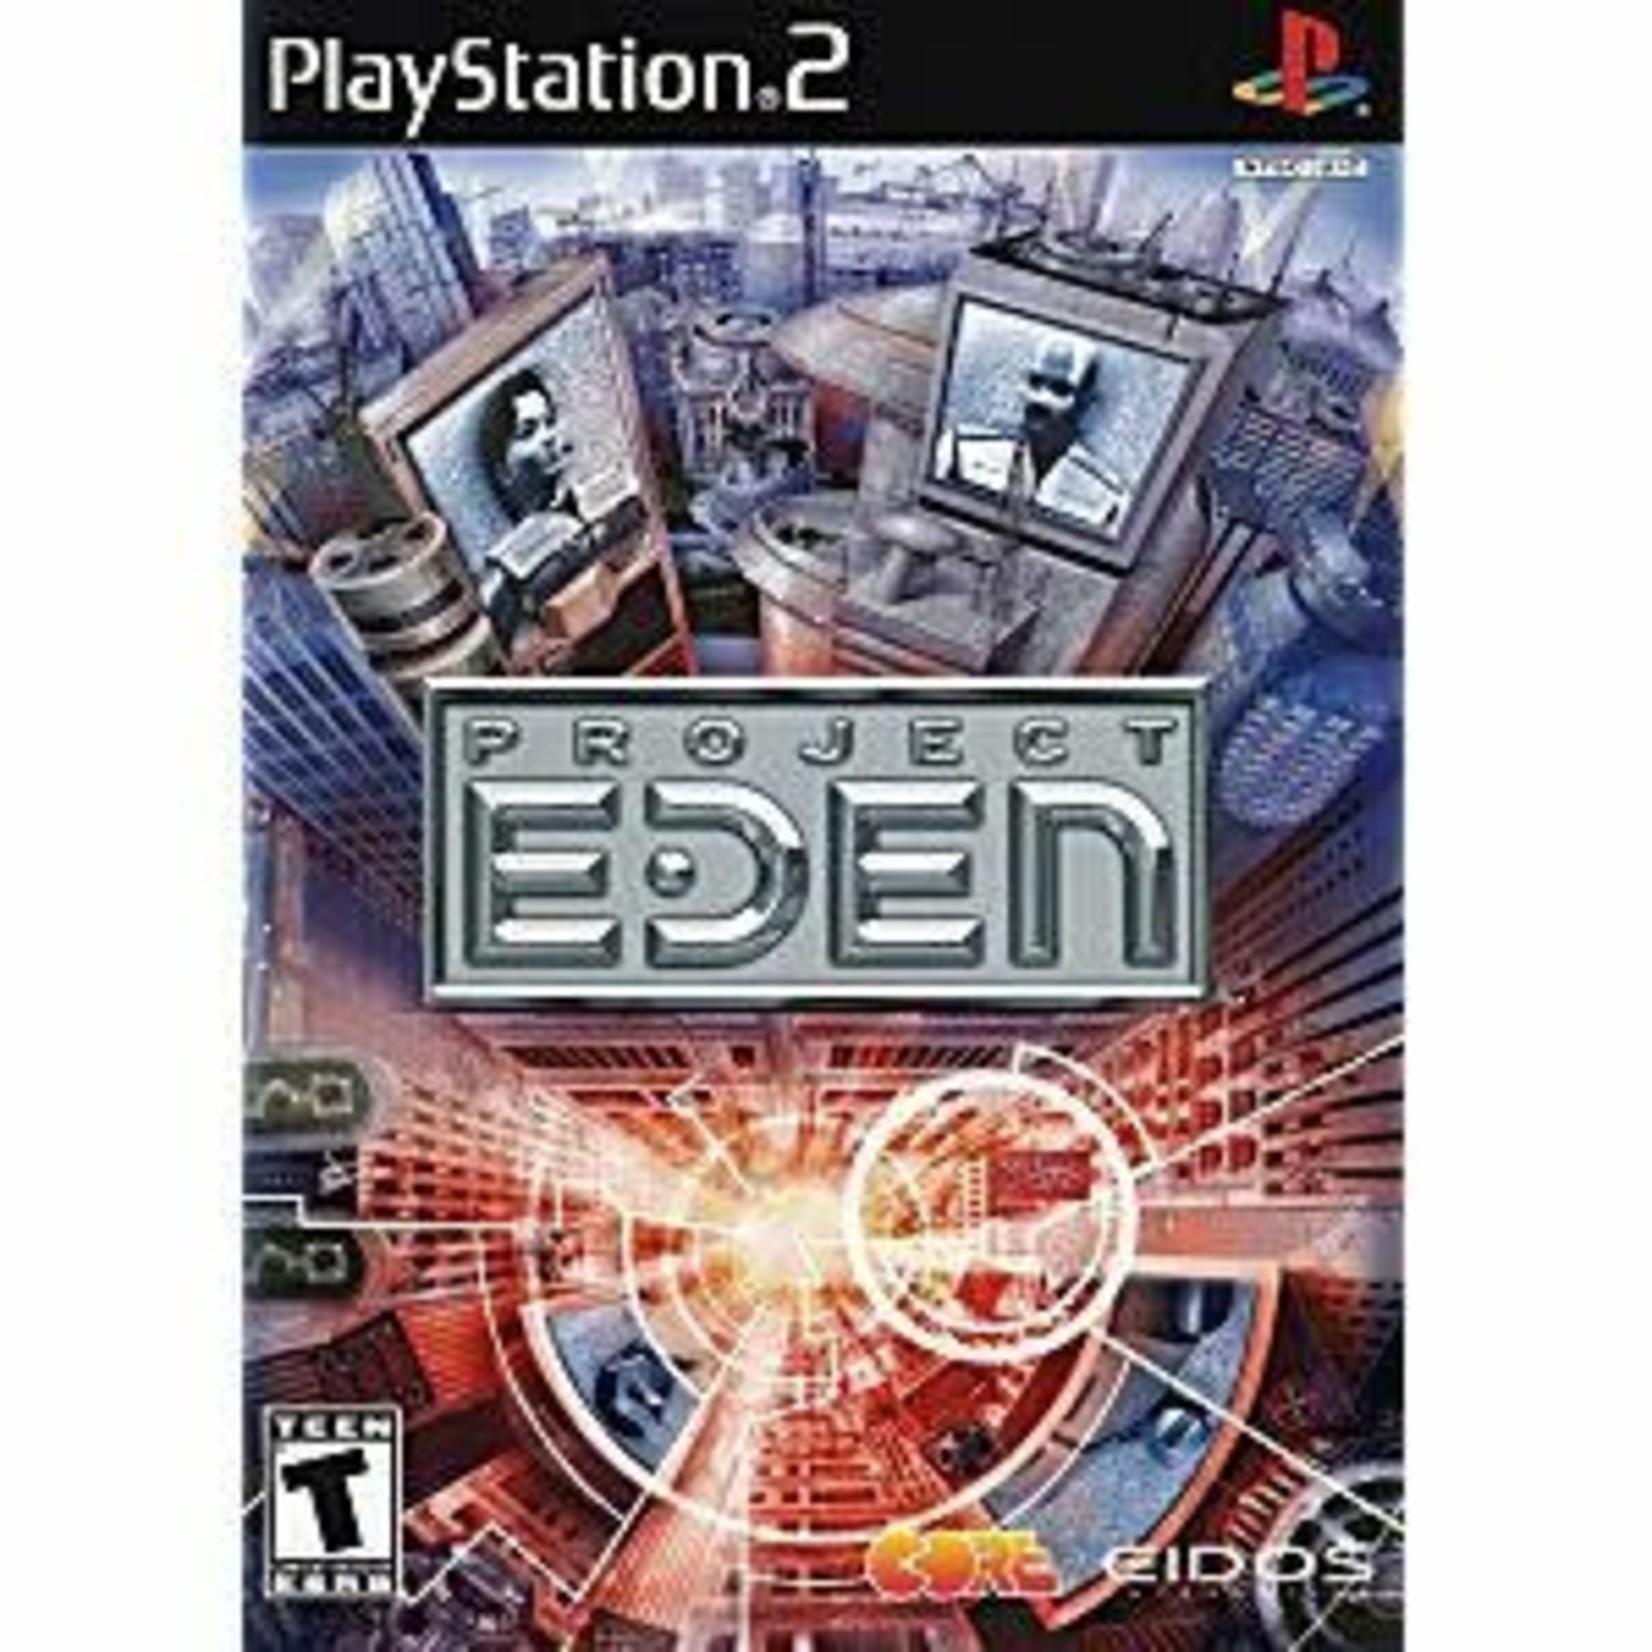 PS2U-PROJECT EDEN